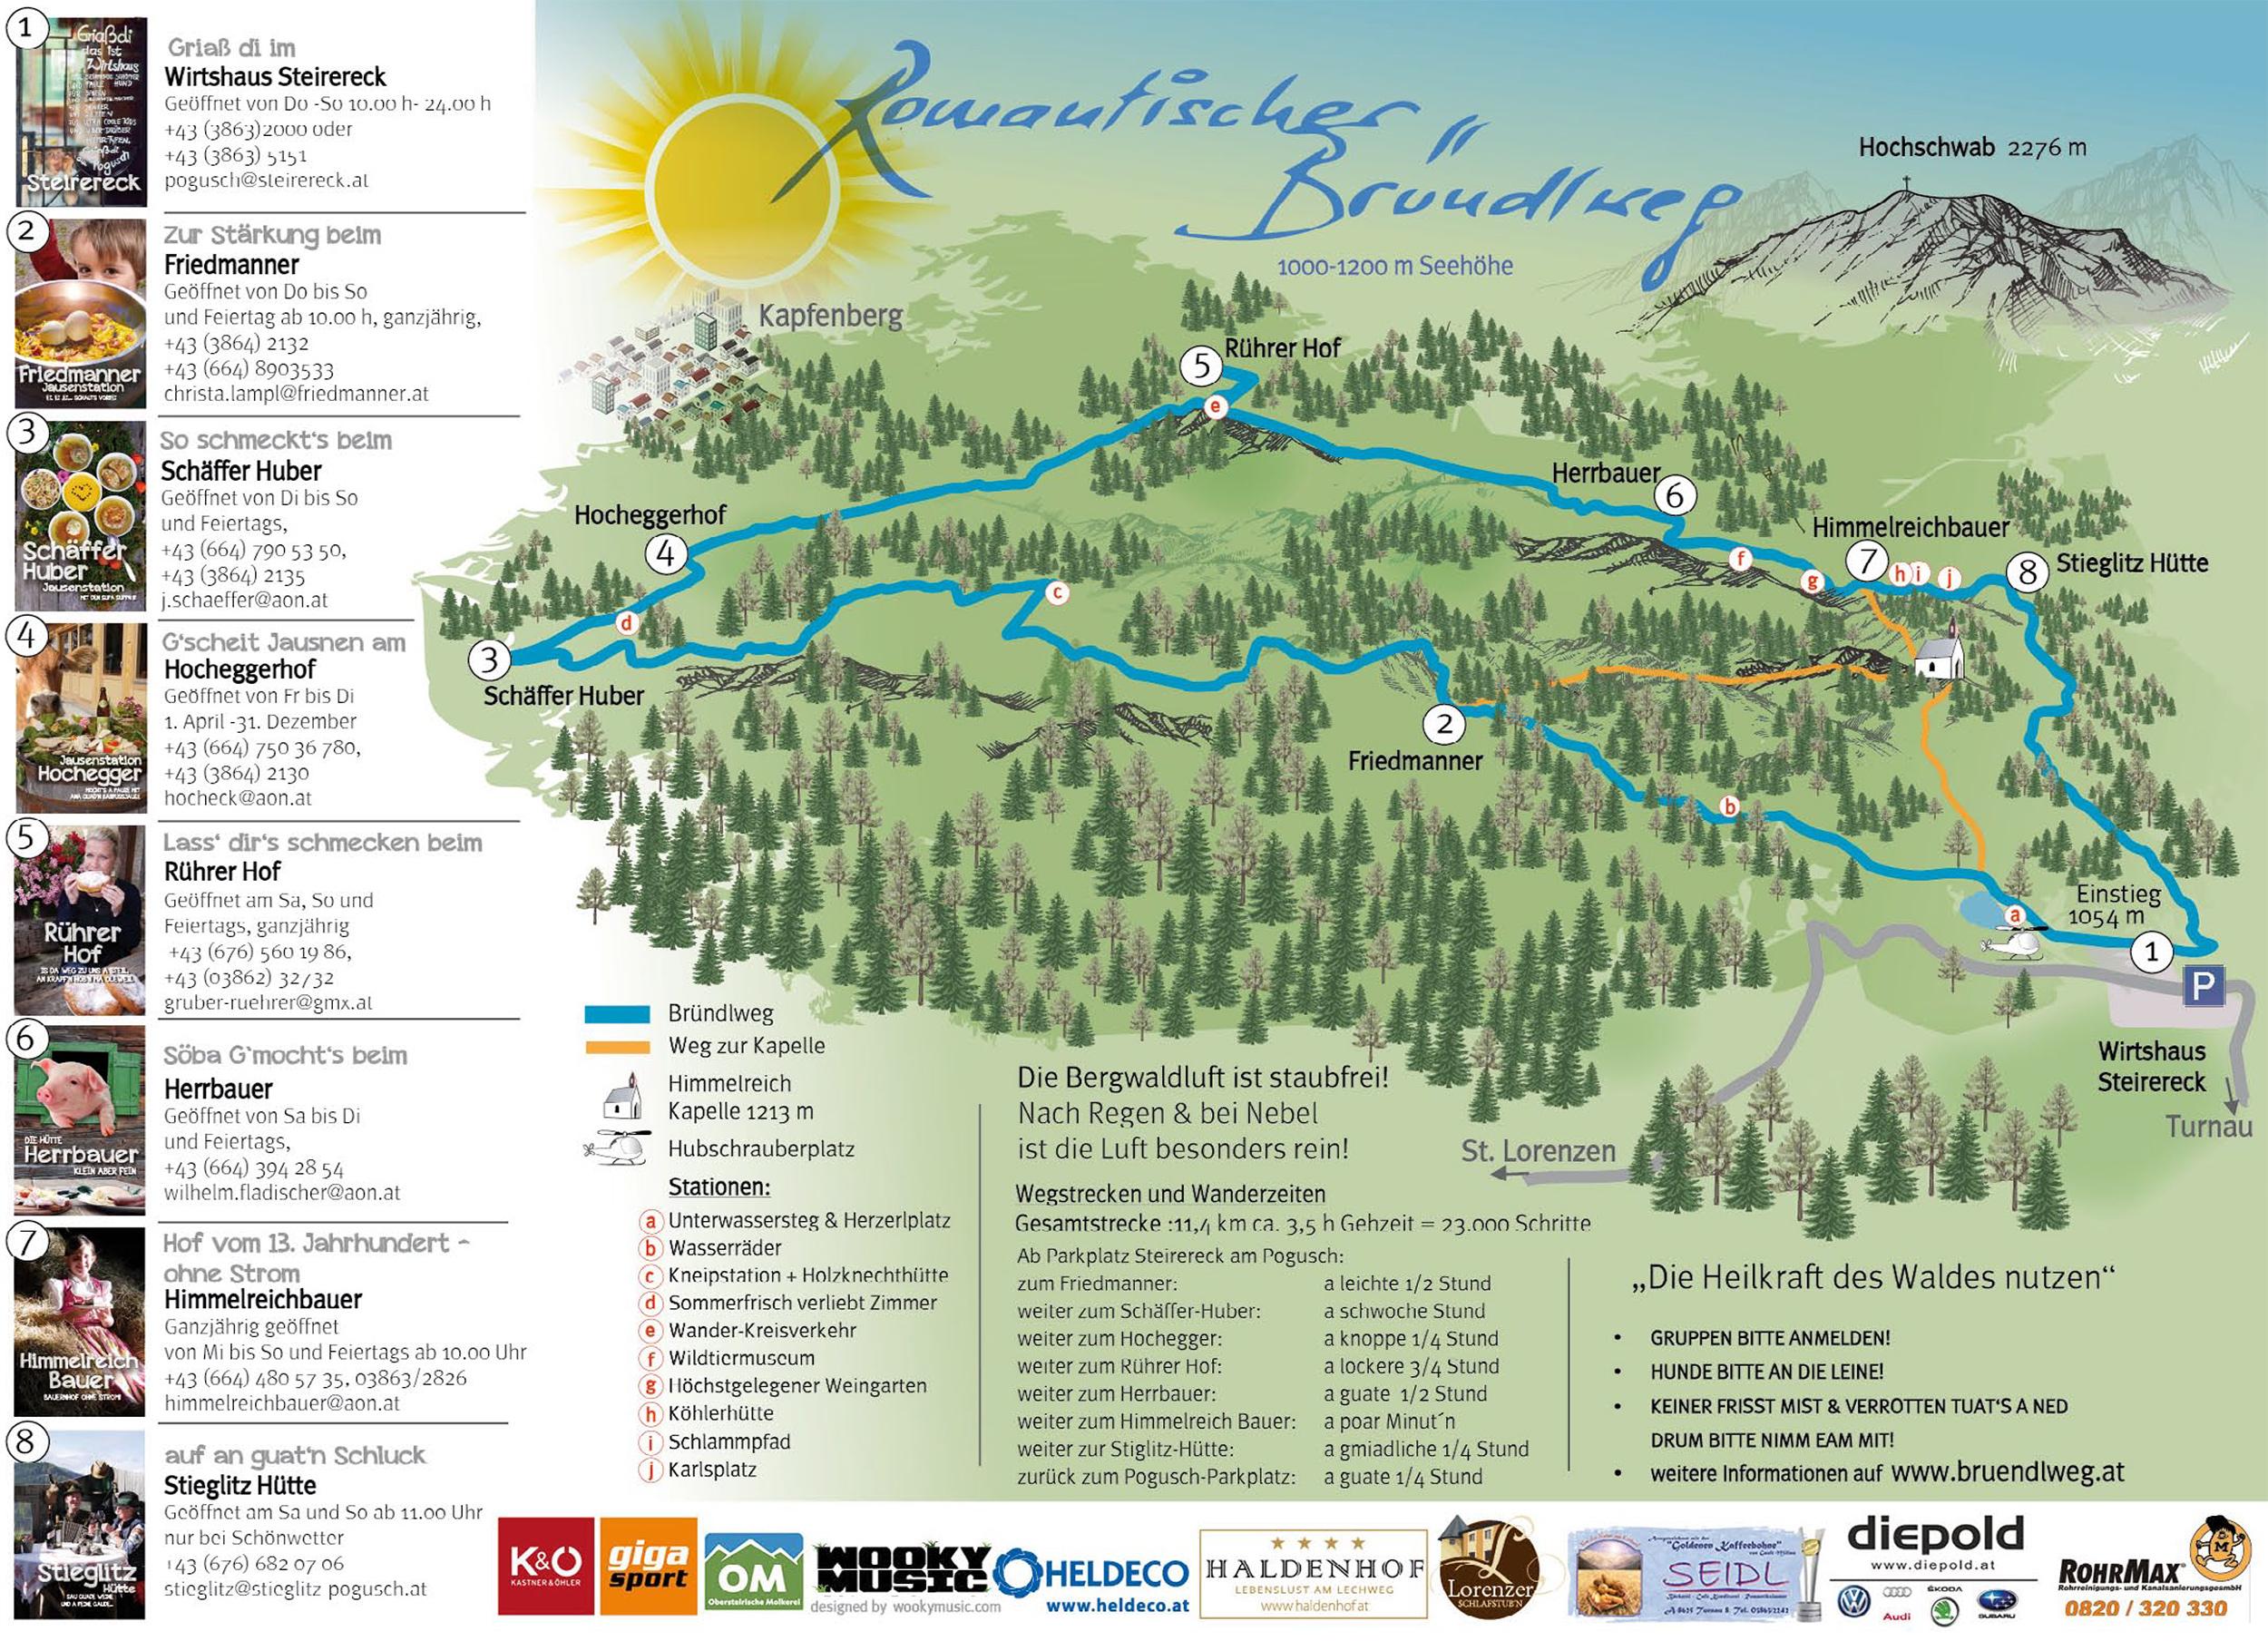 Lechweg Karte.Karte